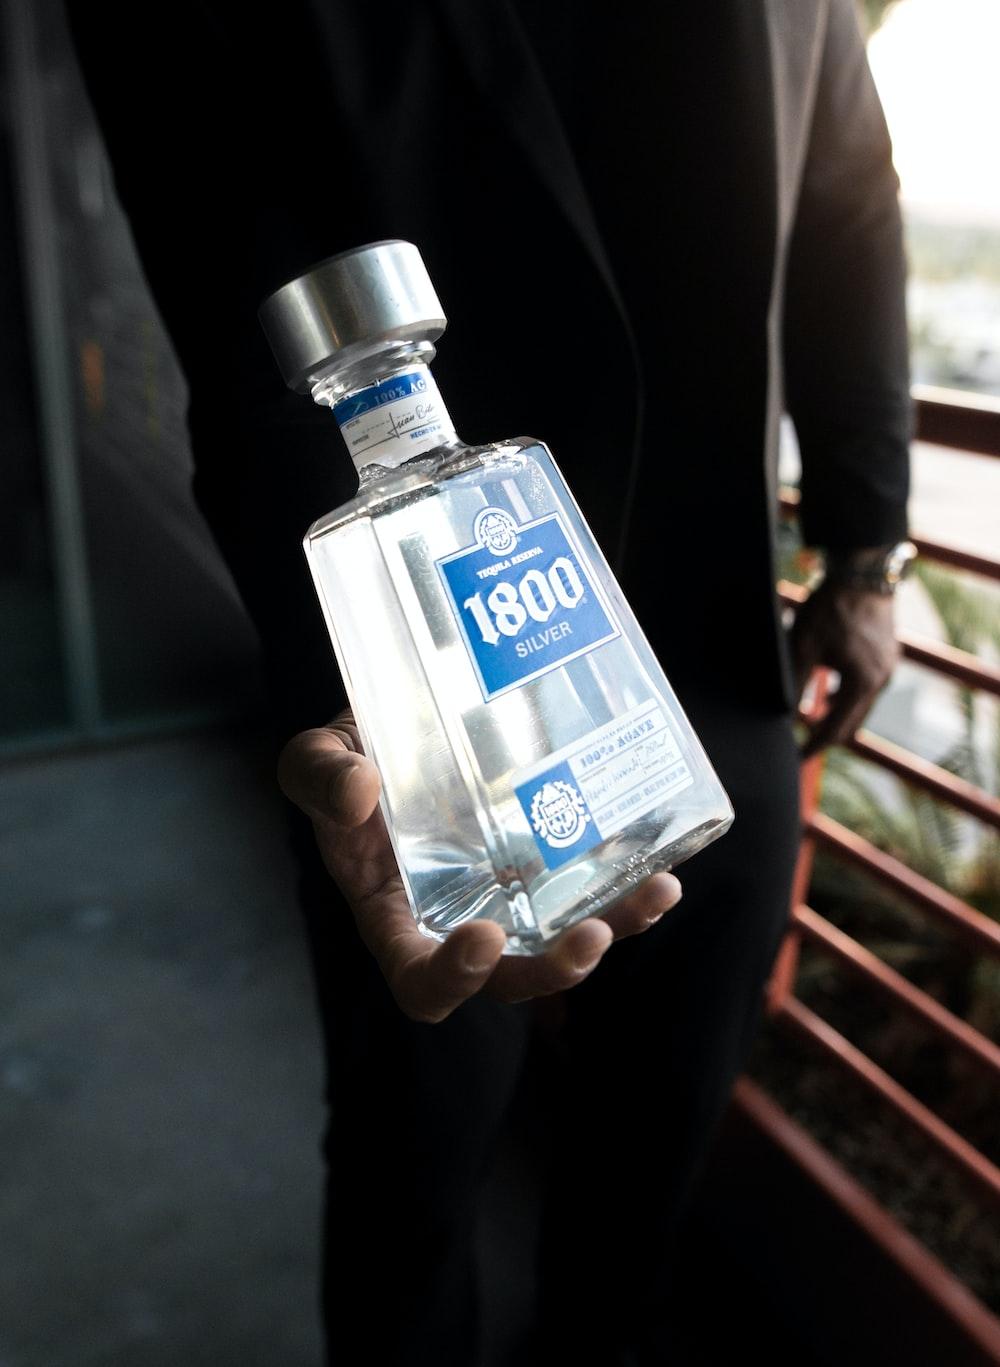 1800 glass bottle